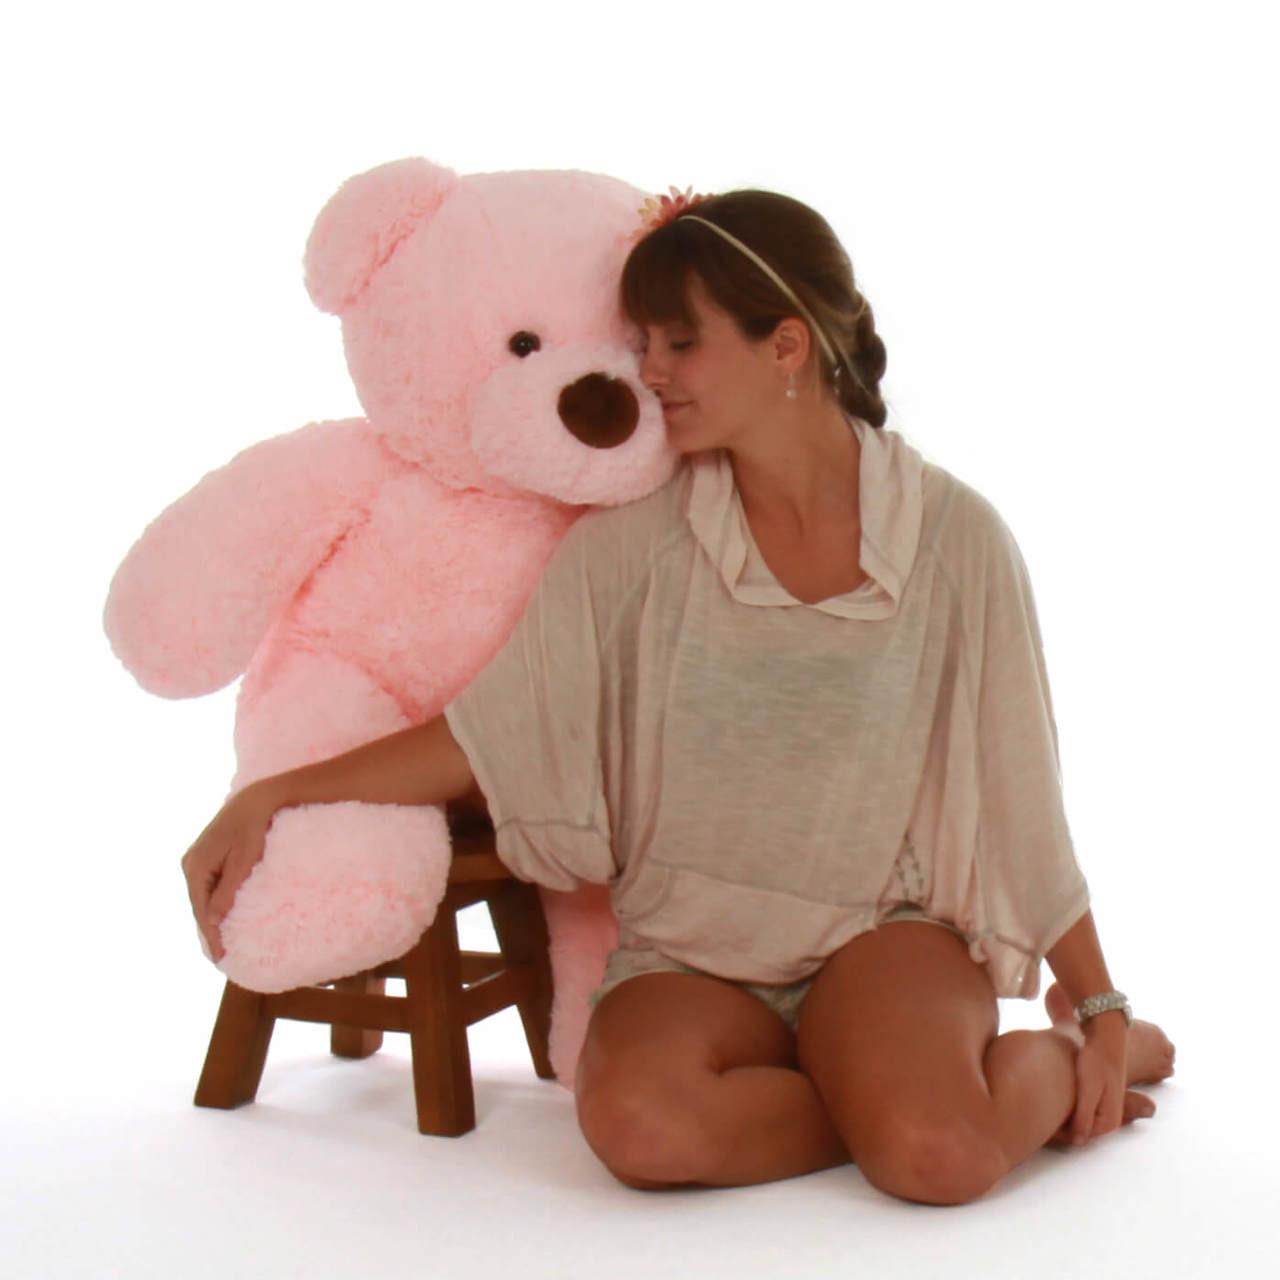 Gigi Chubs 38in Pink Stuffed Big Teddy Bear From Giant Teddy